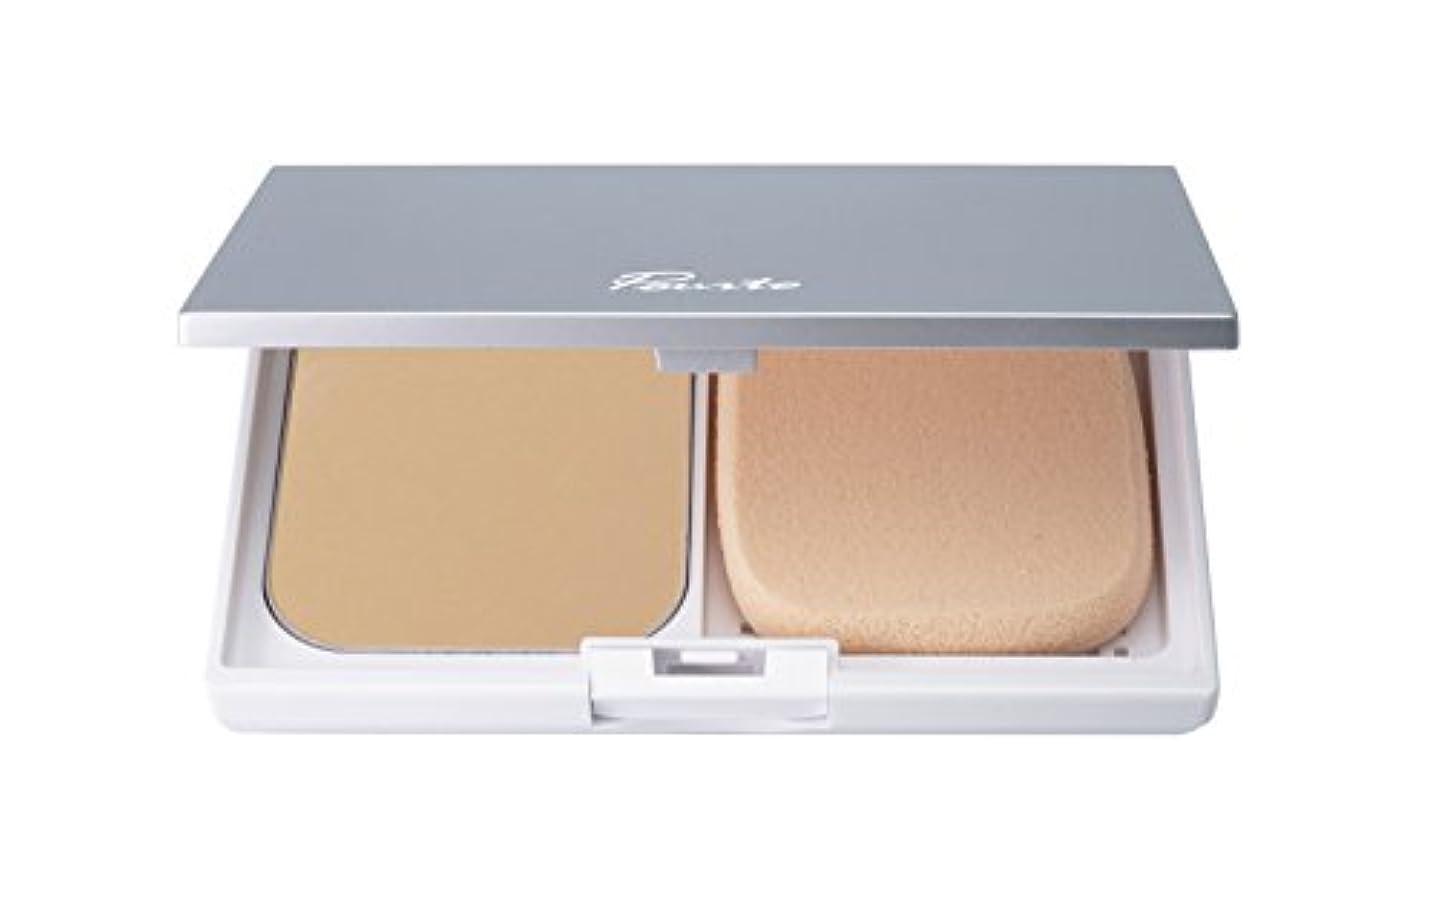 落ちたびん費用ポルトA 紫外線からお肌を守り、日焼けによるシミ、ソバカスを防ぐパウダリーファンデーション 2号:オークル(7502)